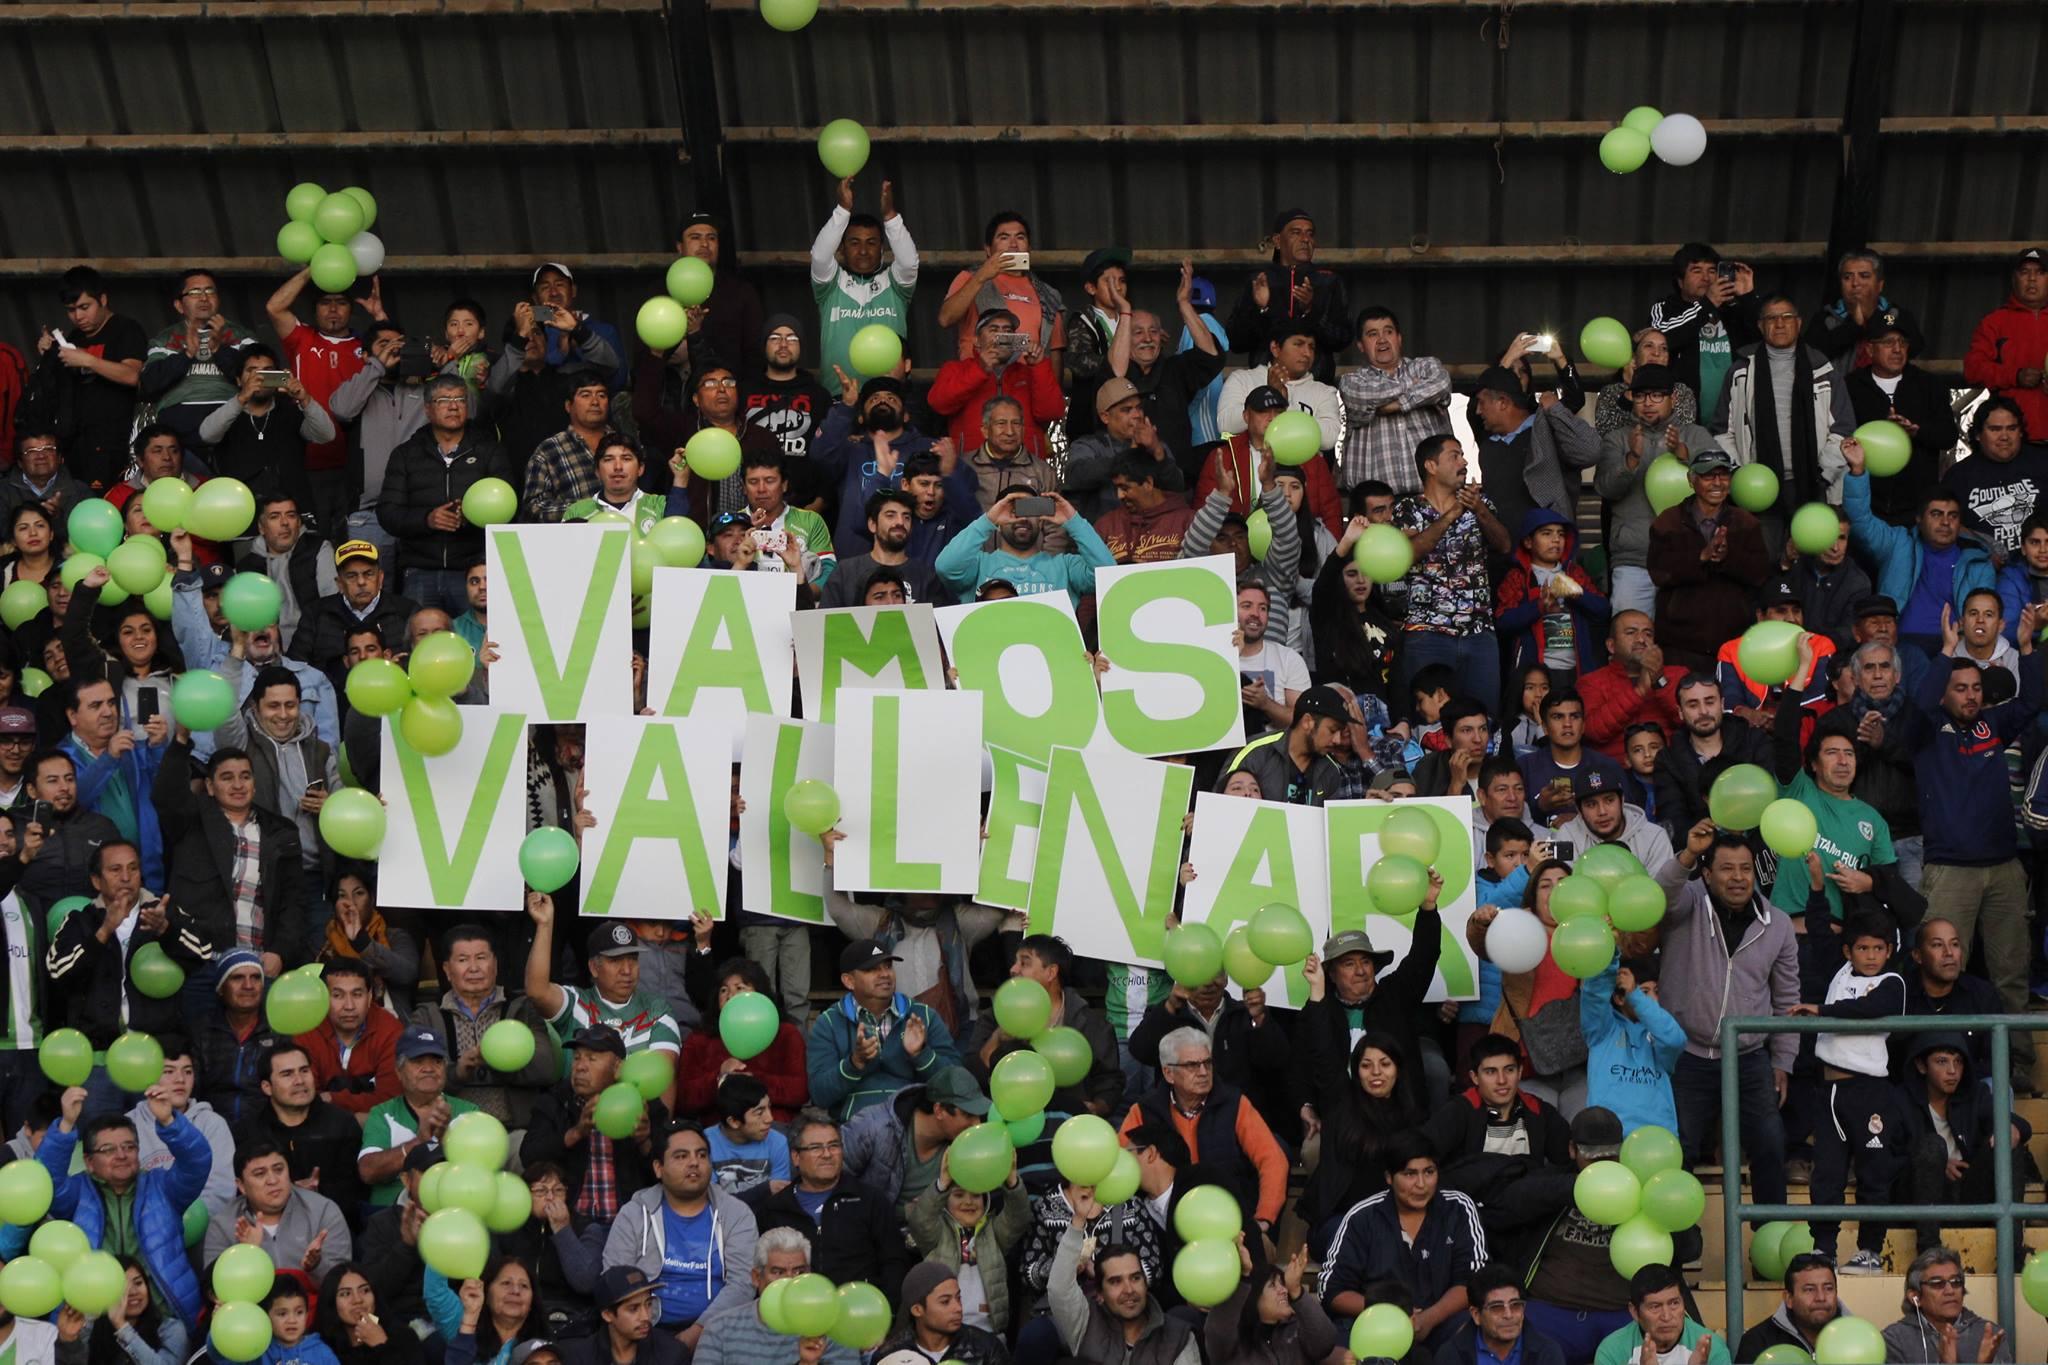 Hinchada de Deportes Vallenar impaciente por futuro del club